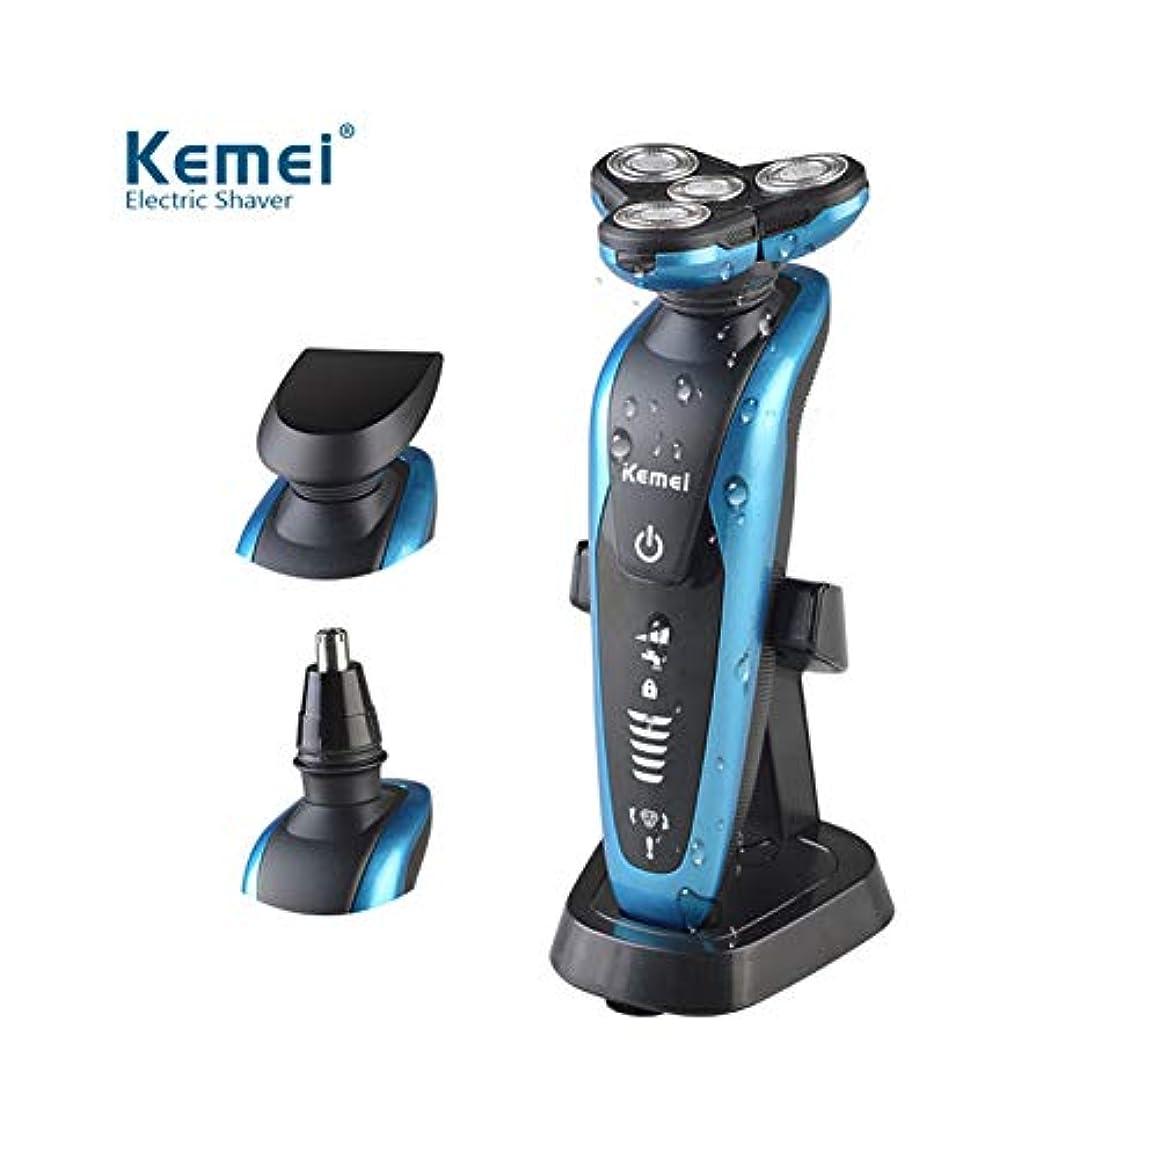 公平なポジション溝Kemei-58892 3 in 1洗えるシェーバー電気充電式4 dフローティングひげシェーバー男性シェービング機鼻トリマーひげシェーバー